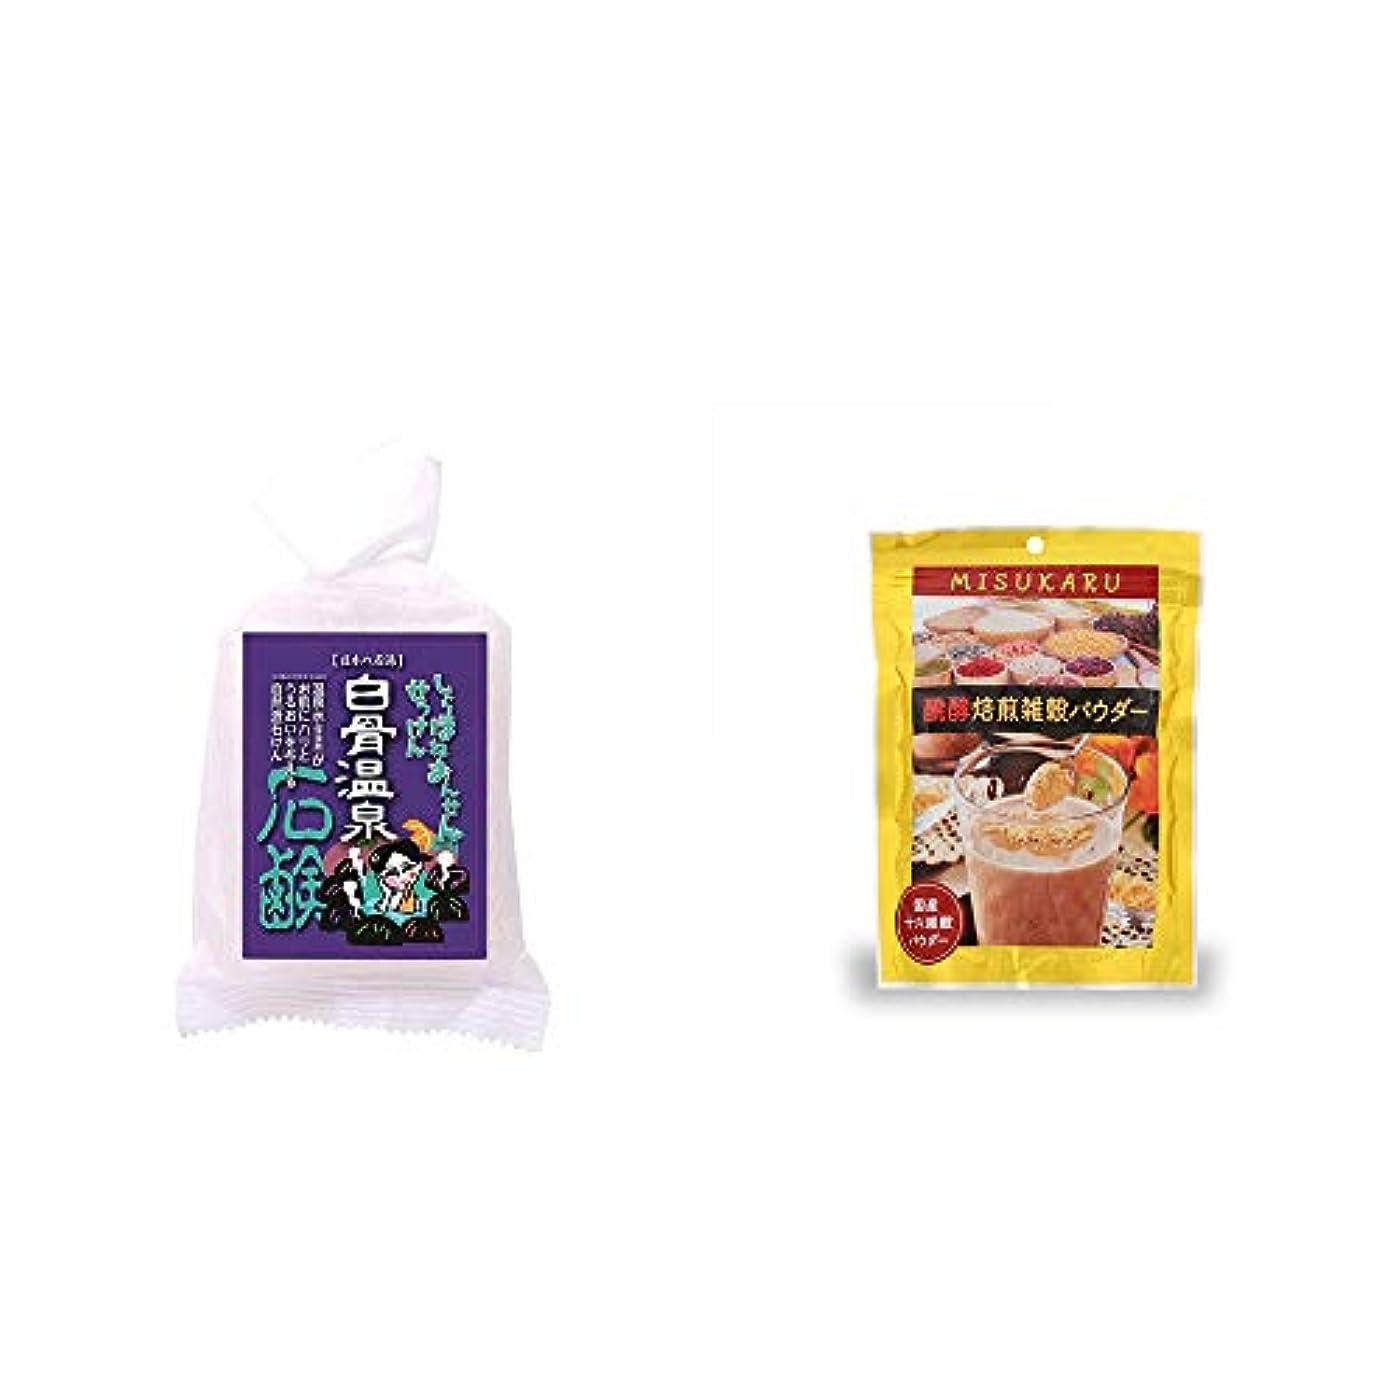 早めるスモッグ黙[2点セット] 信州 白骨温泉石鹸(80g)?醗酵焙煎雑穀パウダー MISUKARU(ミスカル)(200g)